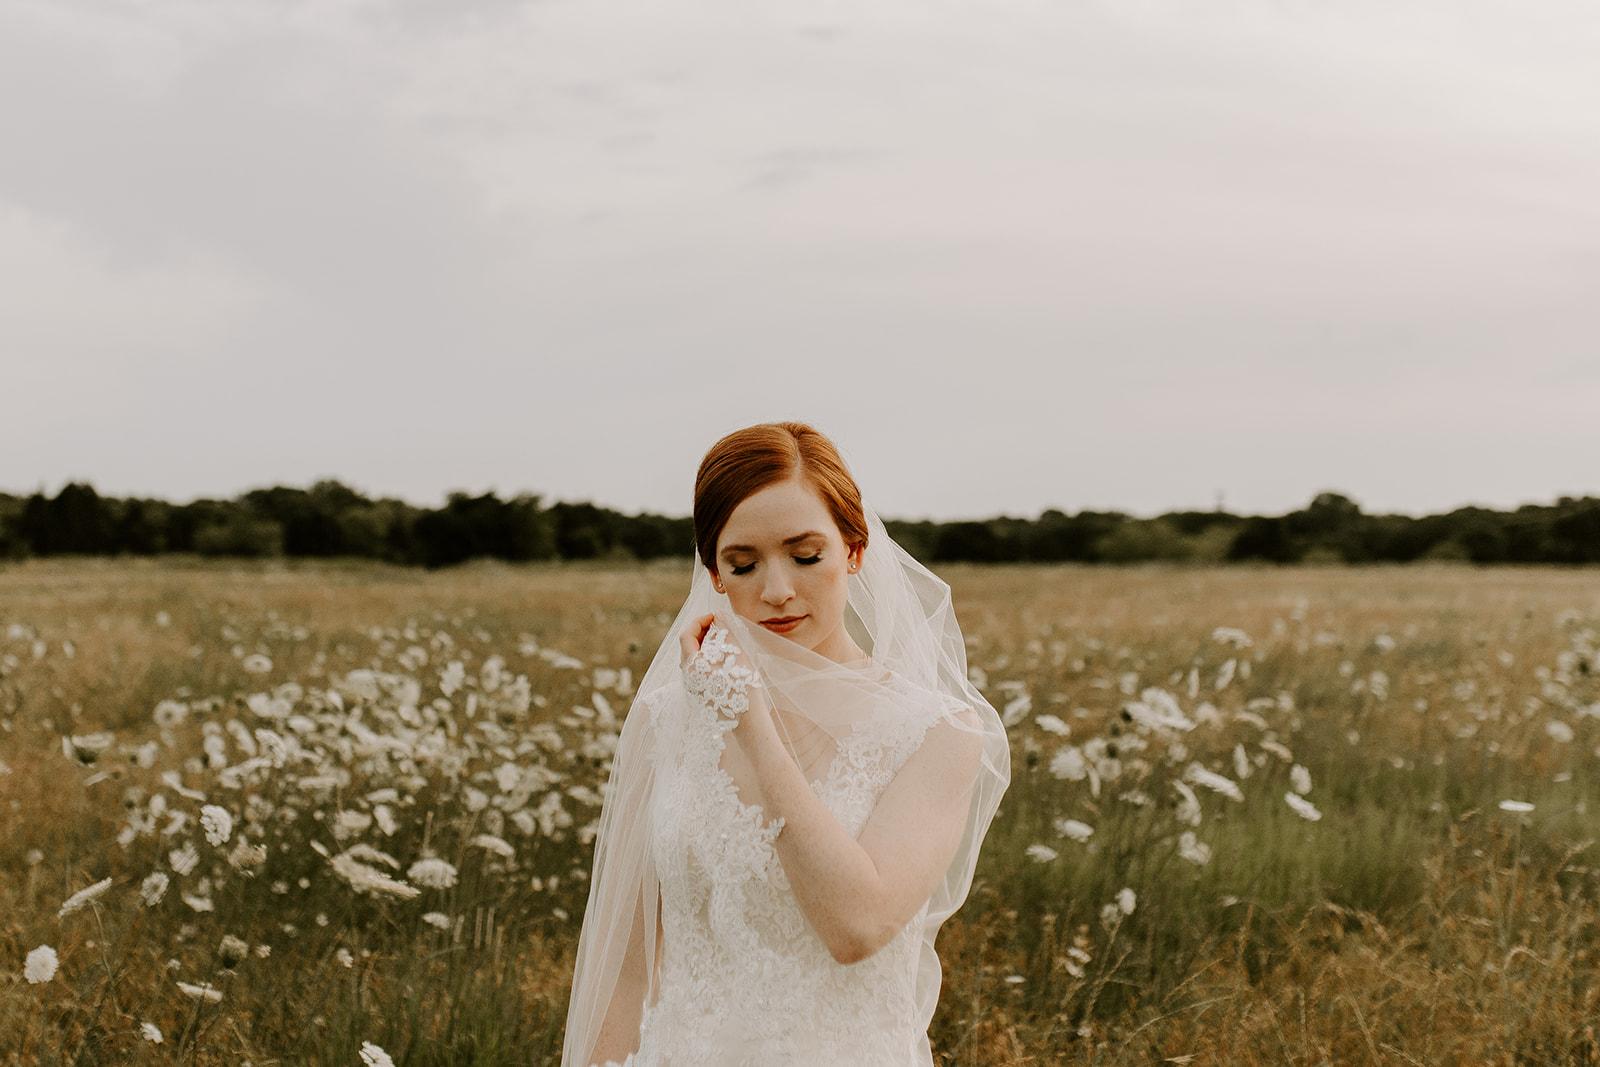 Zoe_Bridals_Portraits-28.jpg